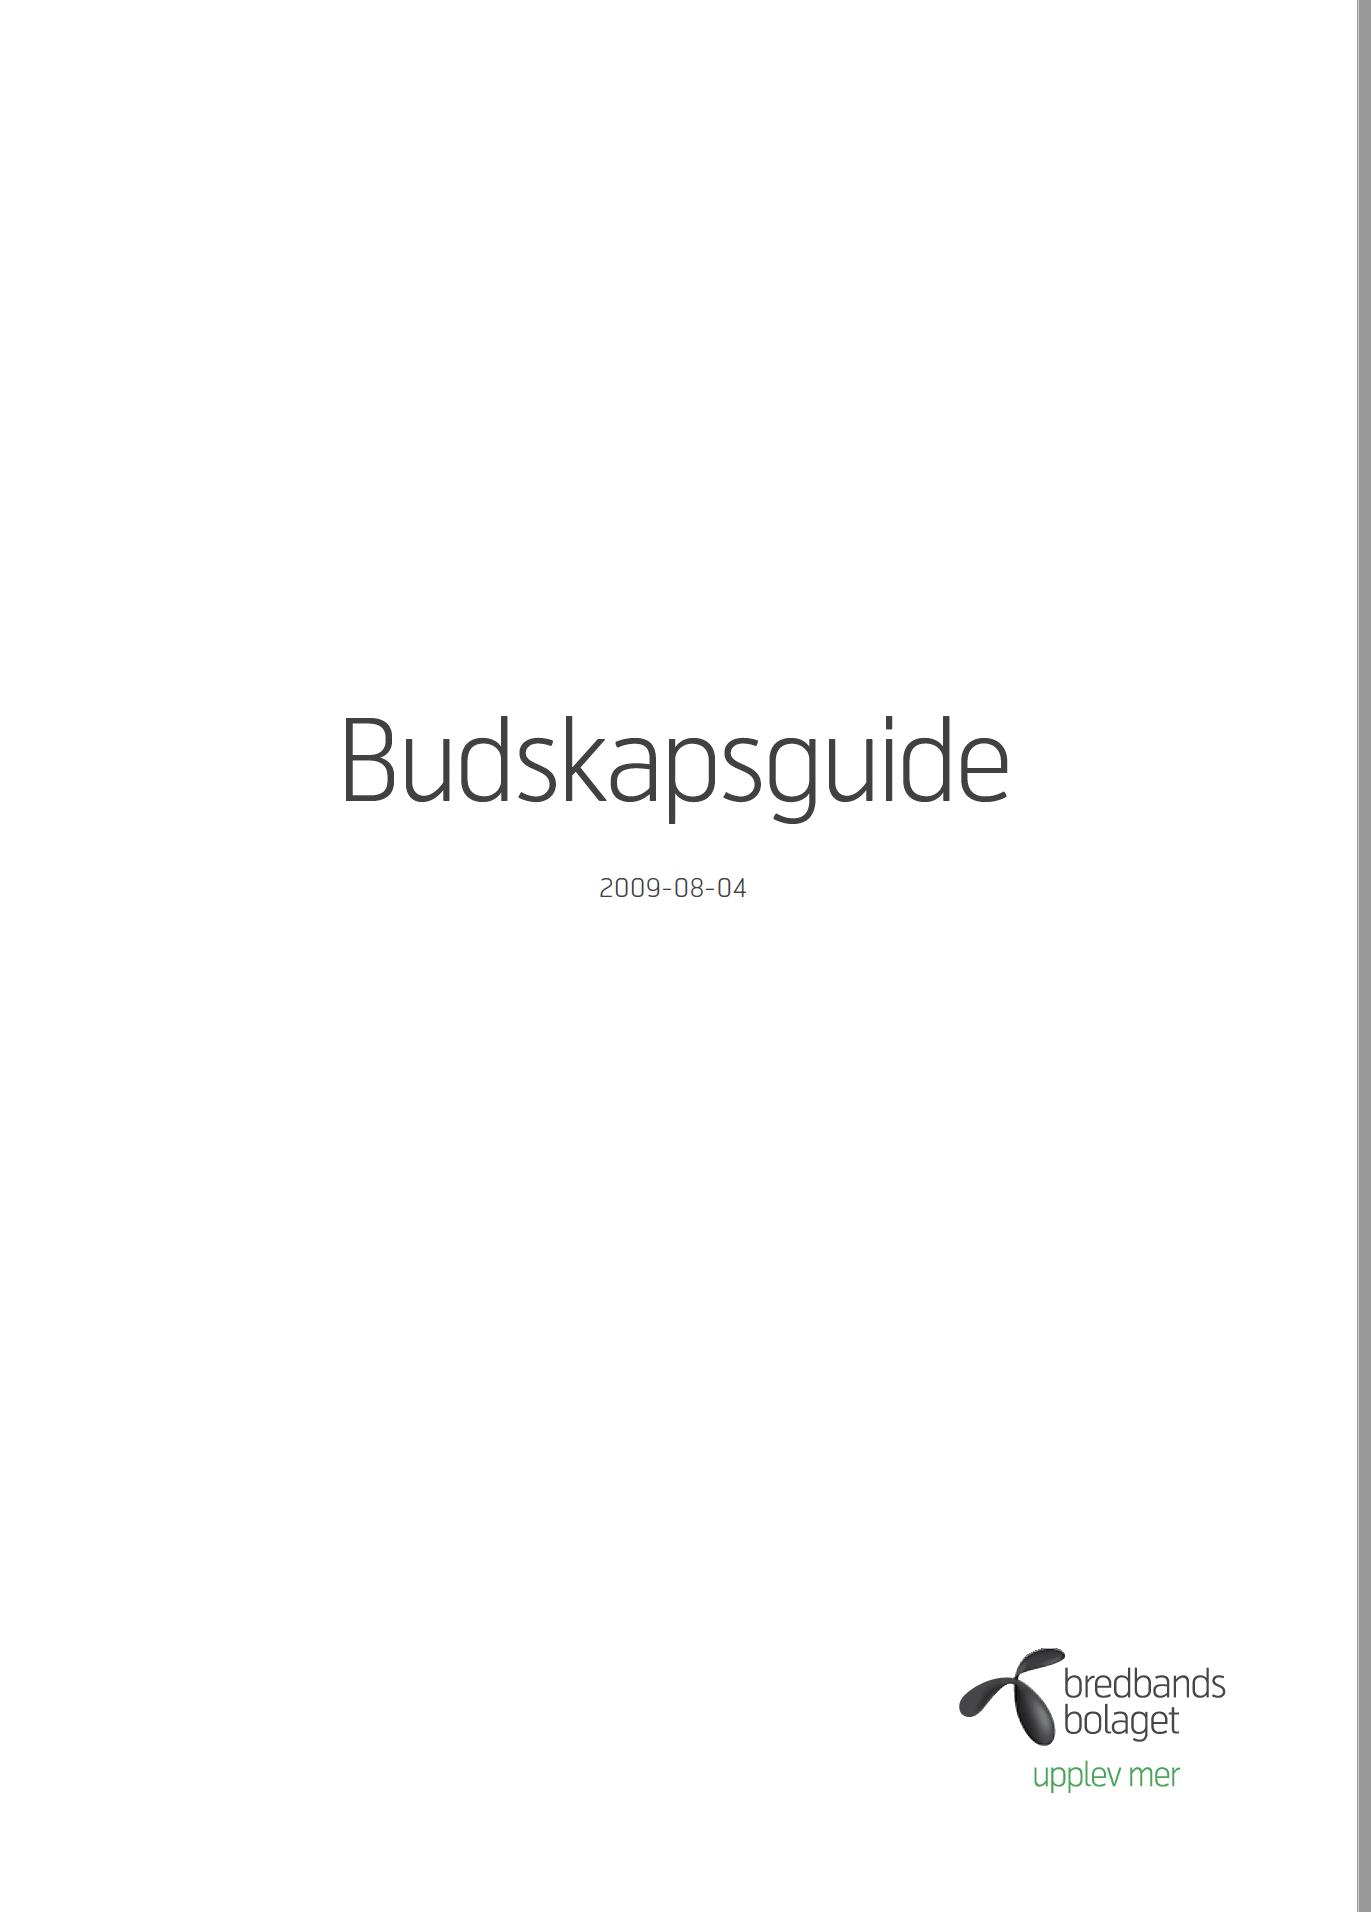 bredbandsbolaget budskapsguide cover.png